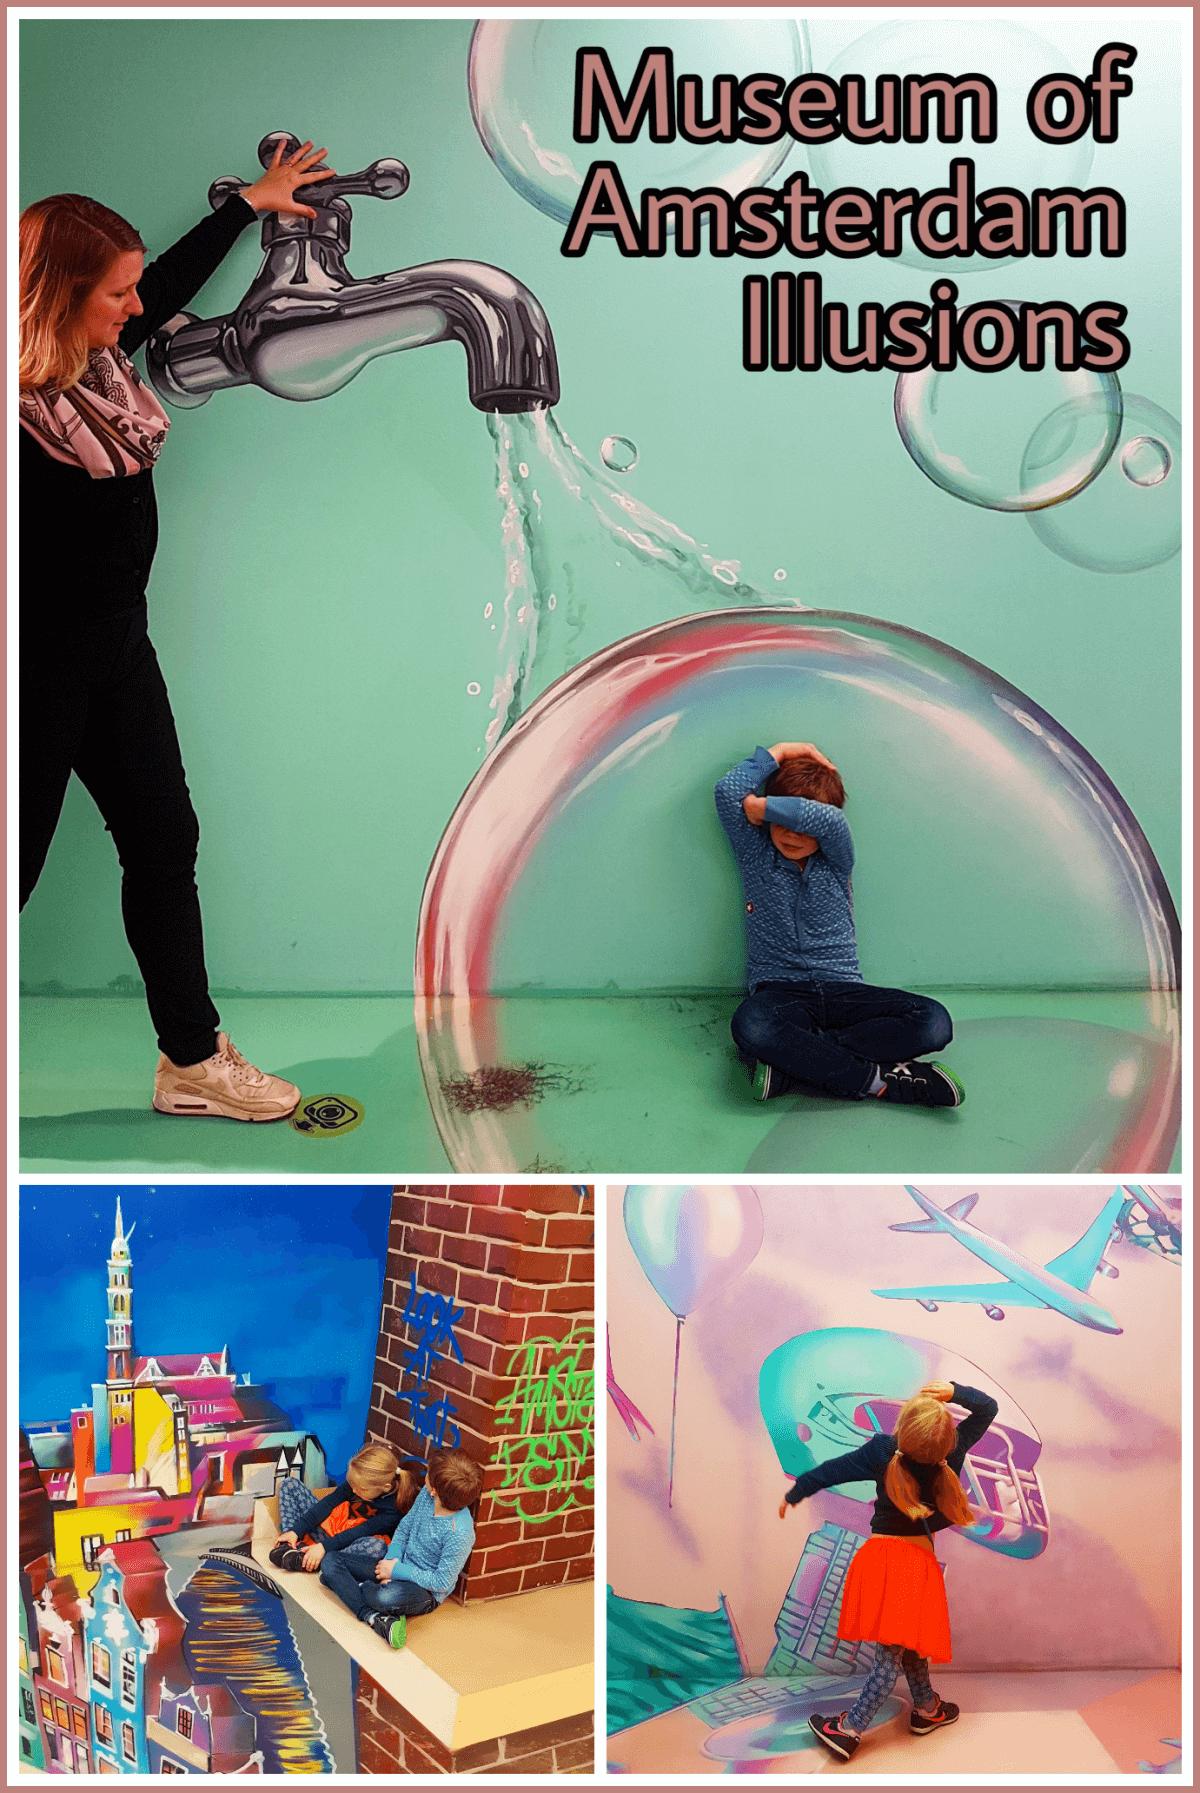 Nieuw uitje voor kids: Museum of Amsterdam Illusions